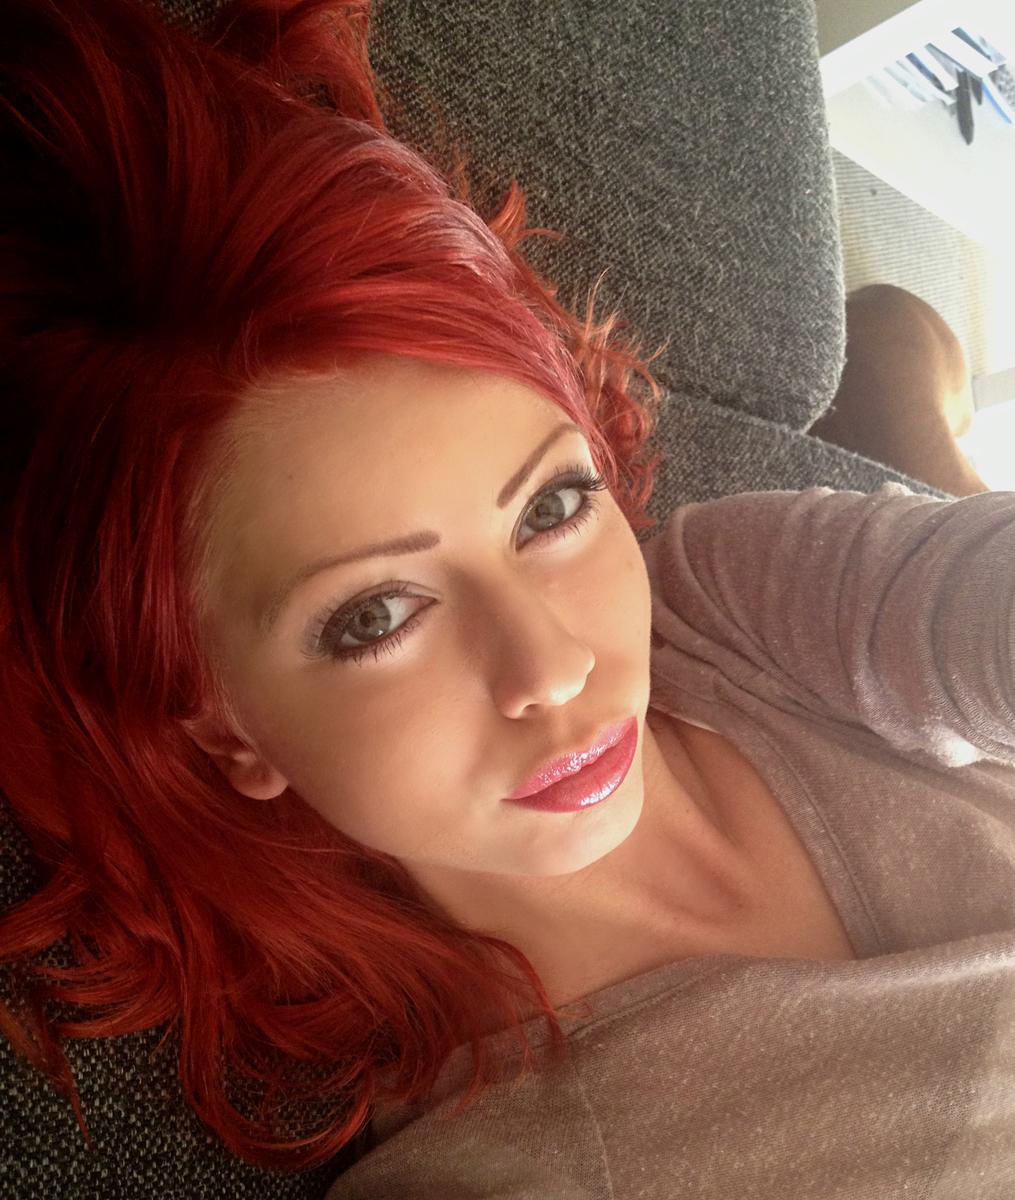 långt hår eskort rött hår